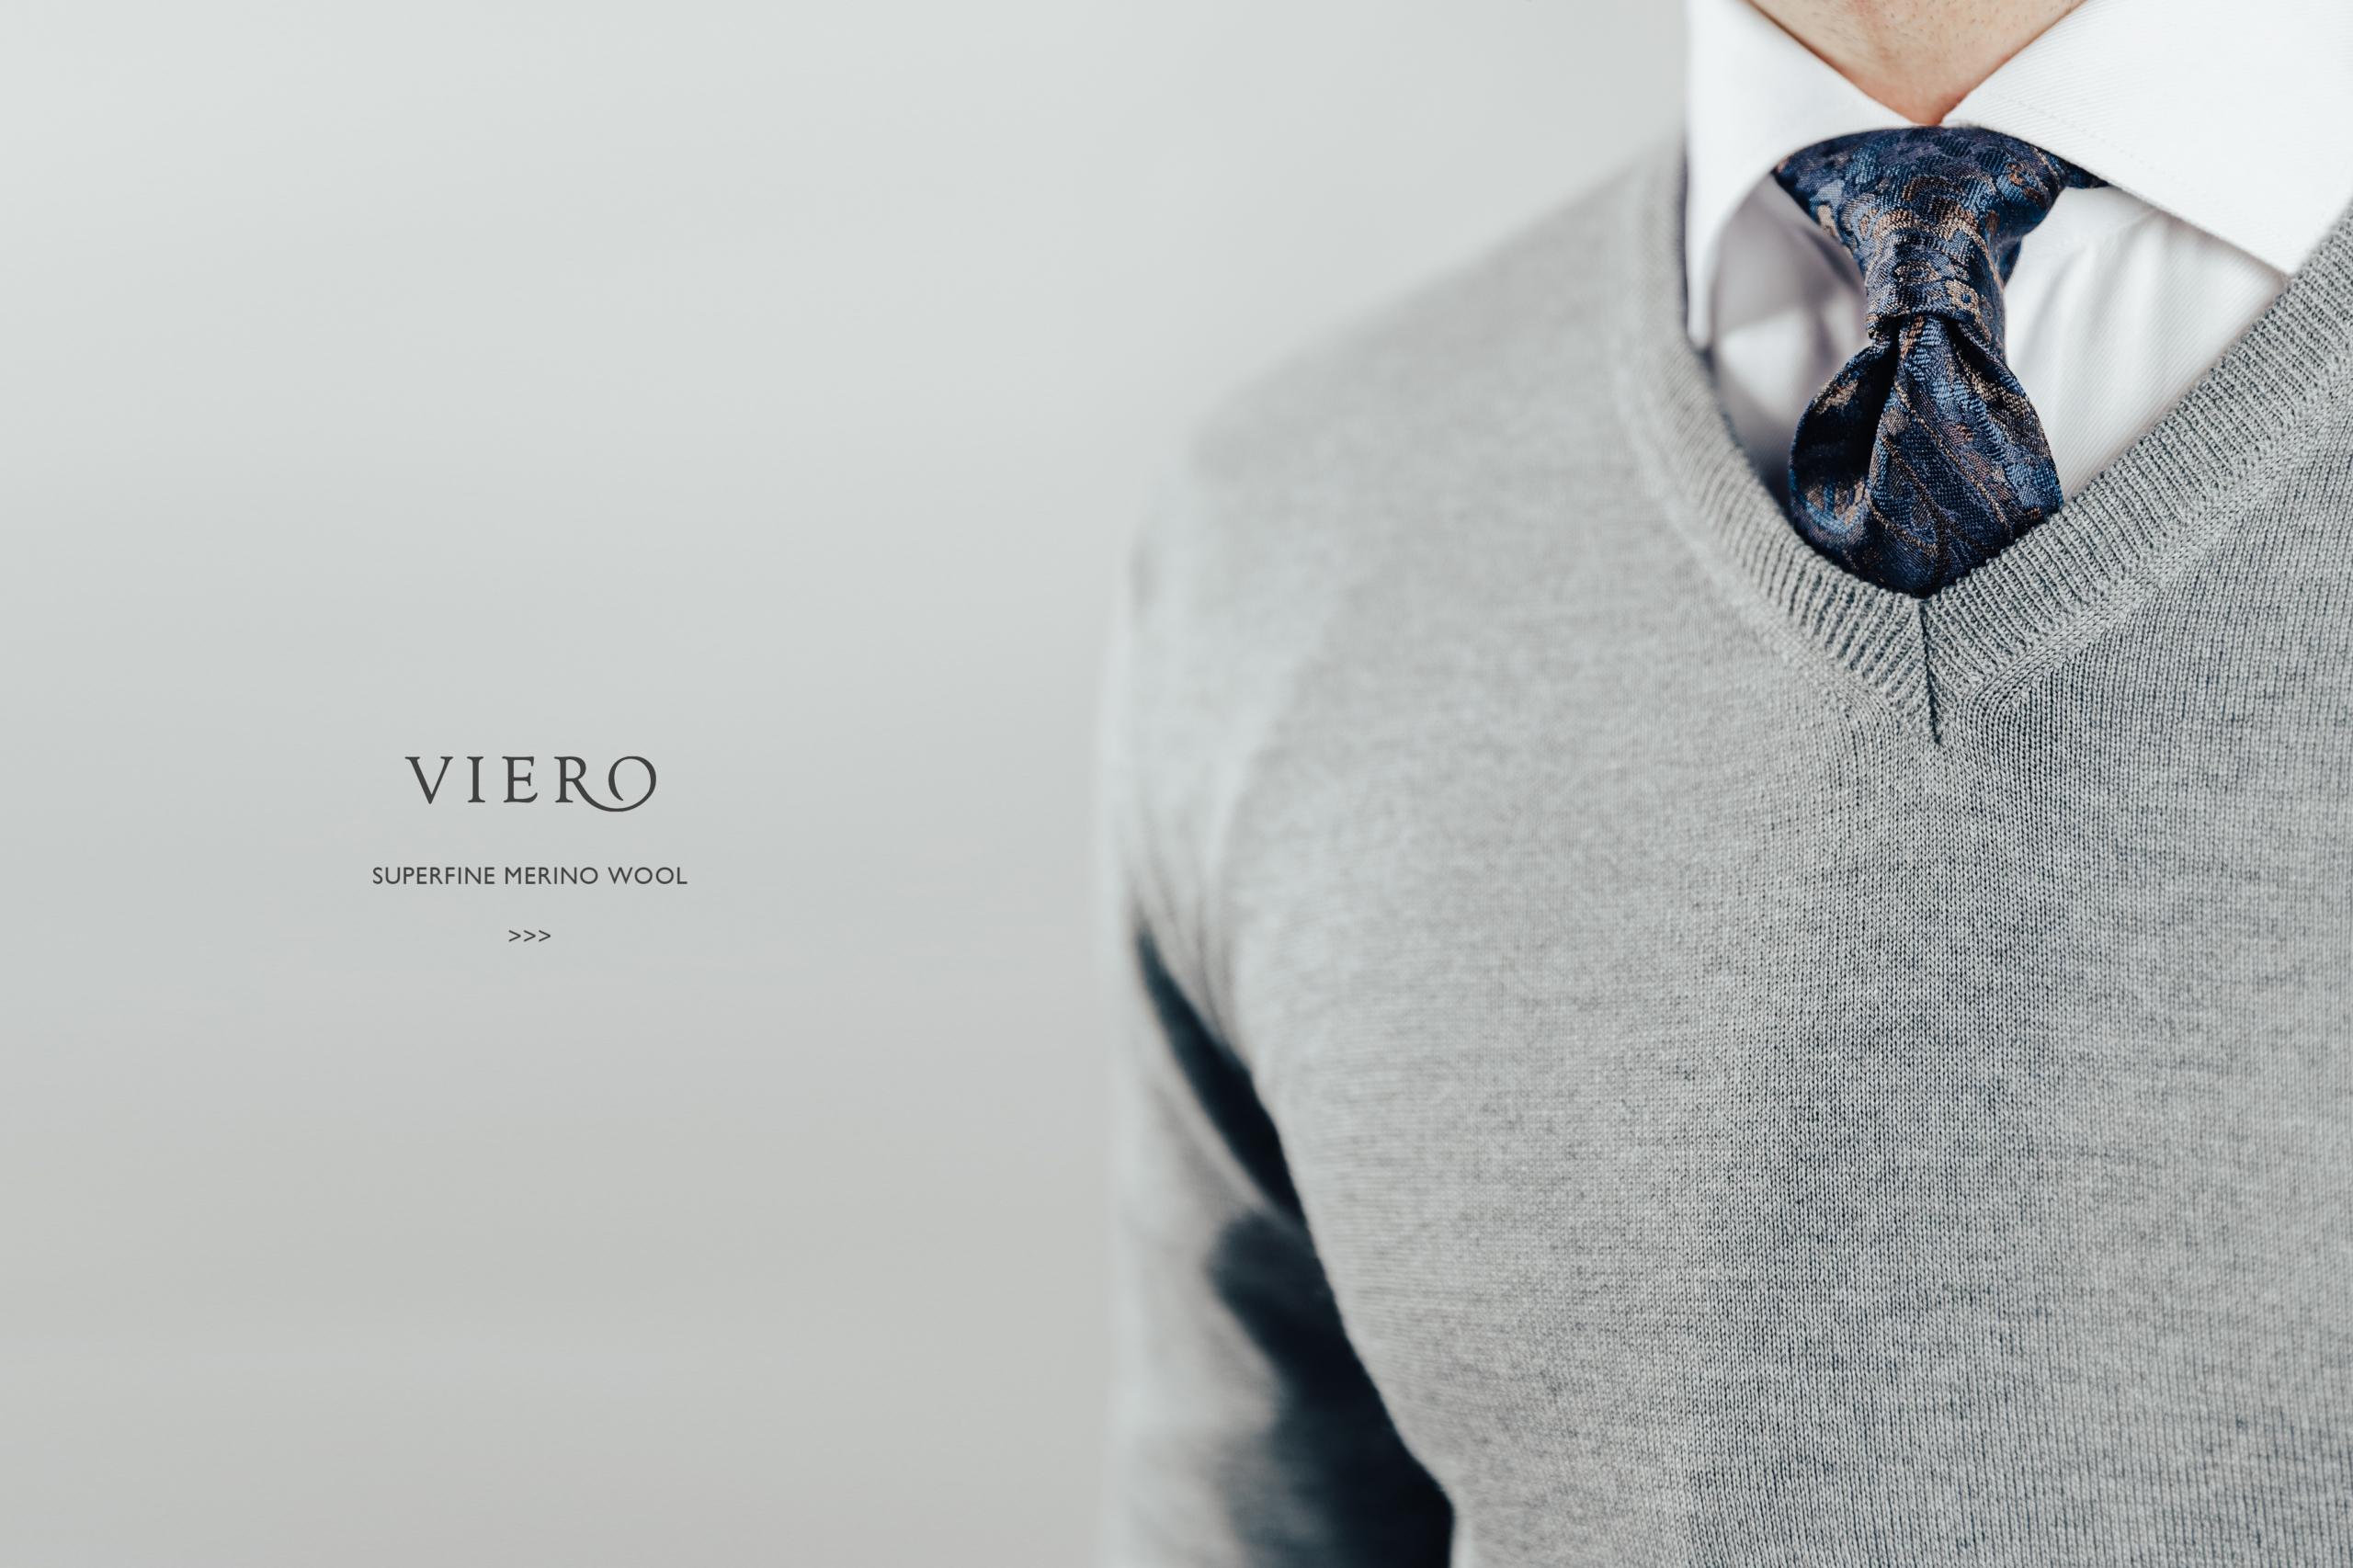 Viero Superfine Merino Wool